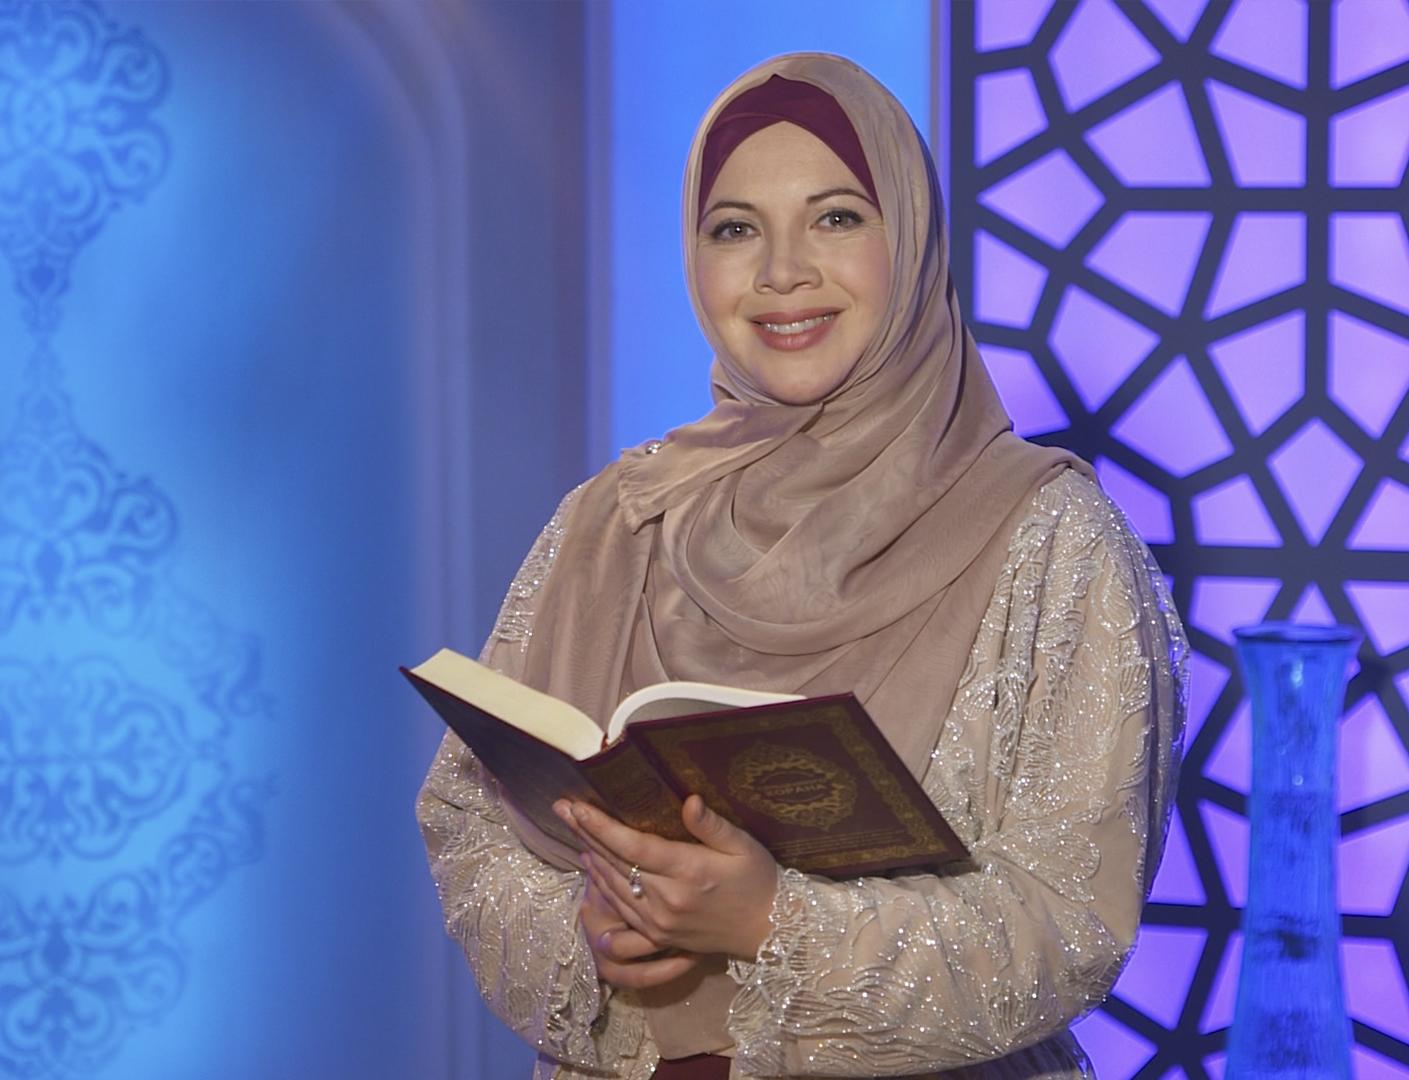 Любовь и секс в исламе аляутдинов